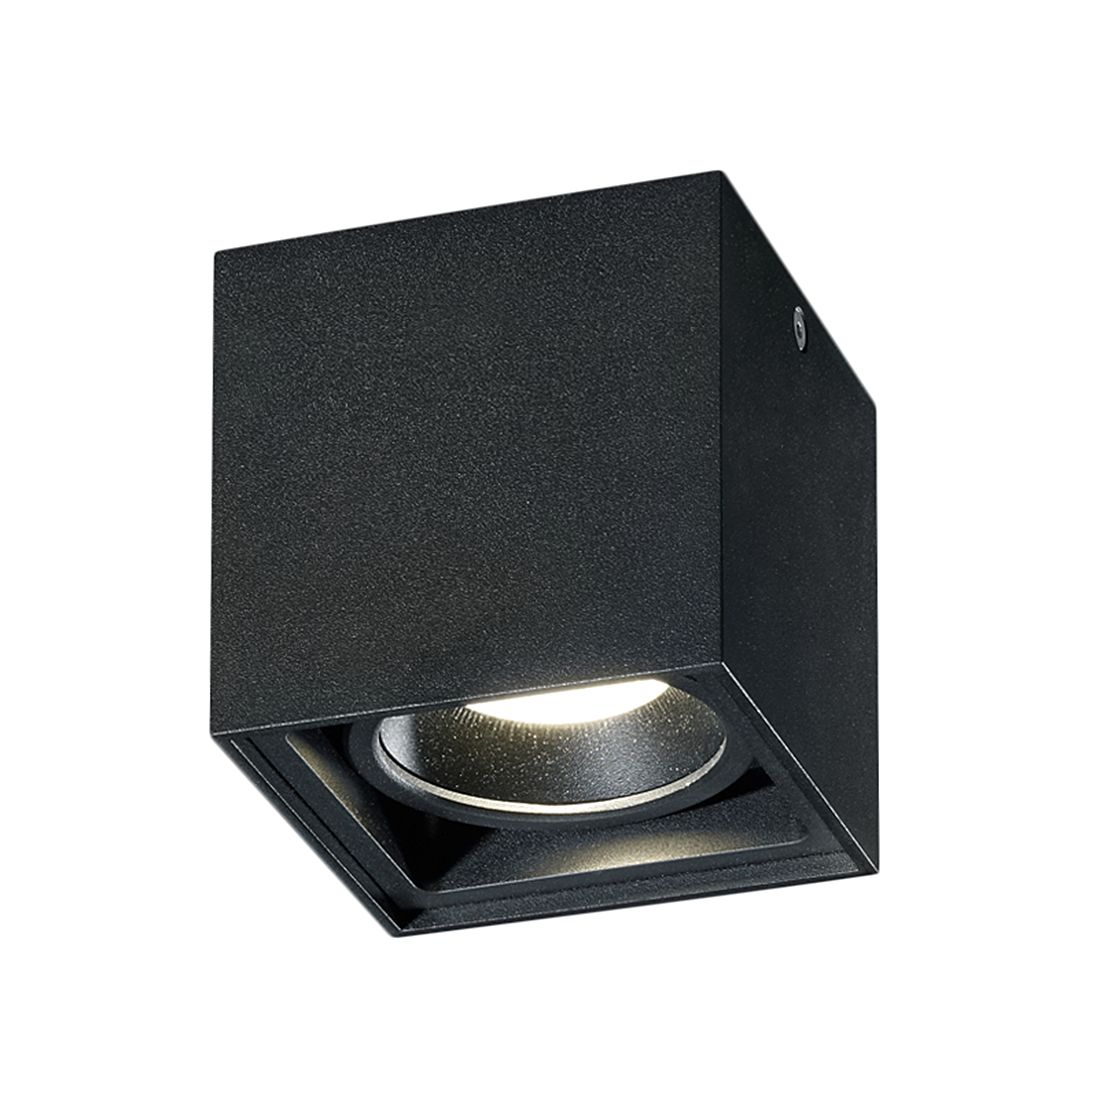 deckenleuchte siri led metall schwarz helestra a bestellen. Black Bedroom Furniture Sets. Home Design Ideas